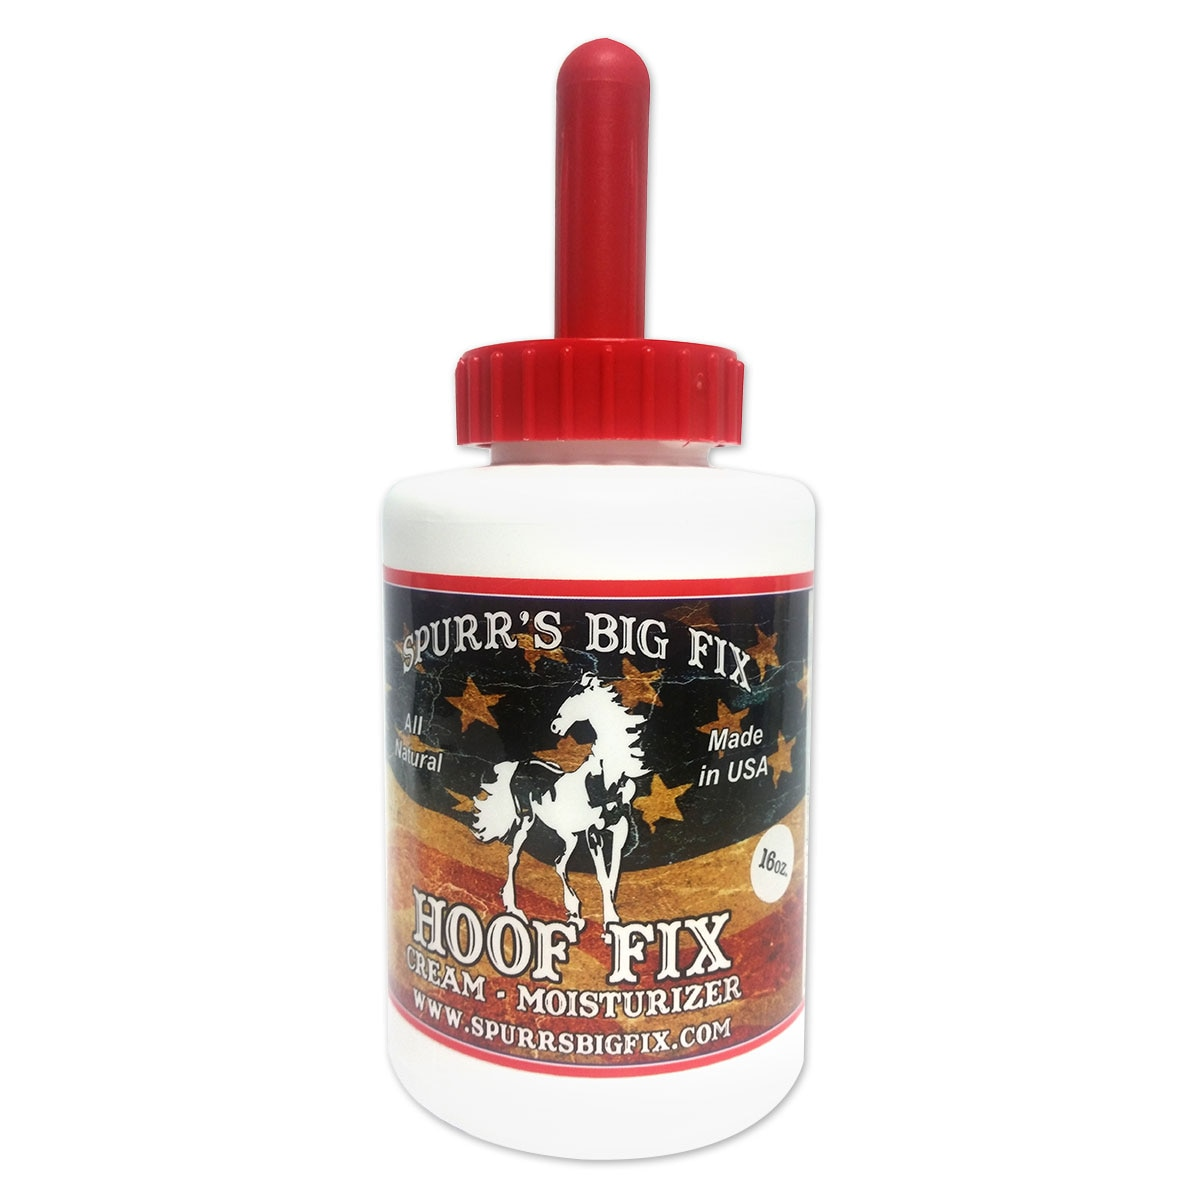 Spurr's Big Fix™ Hoof Fix